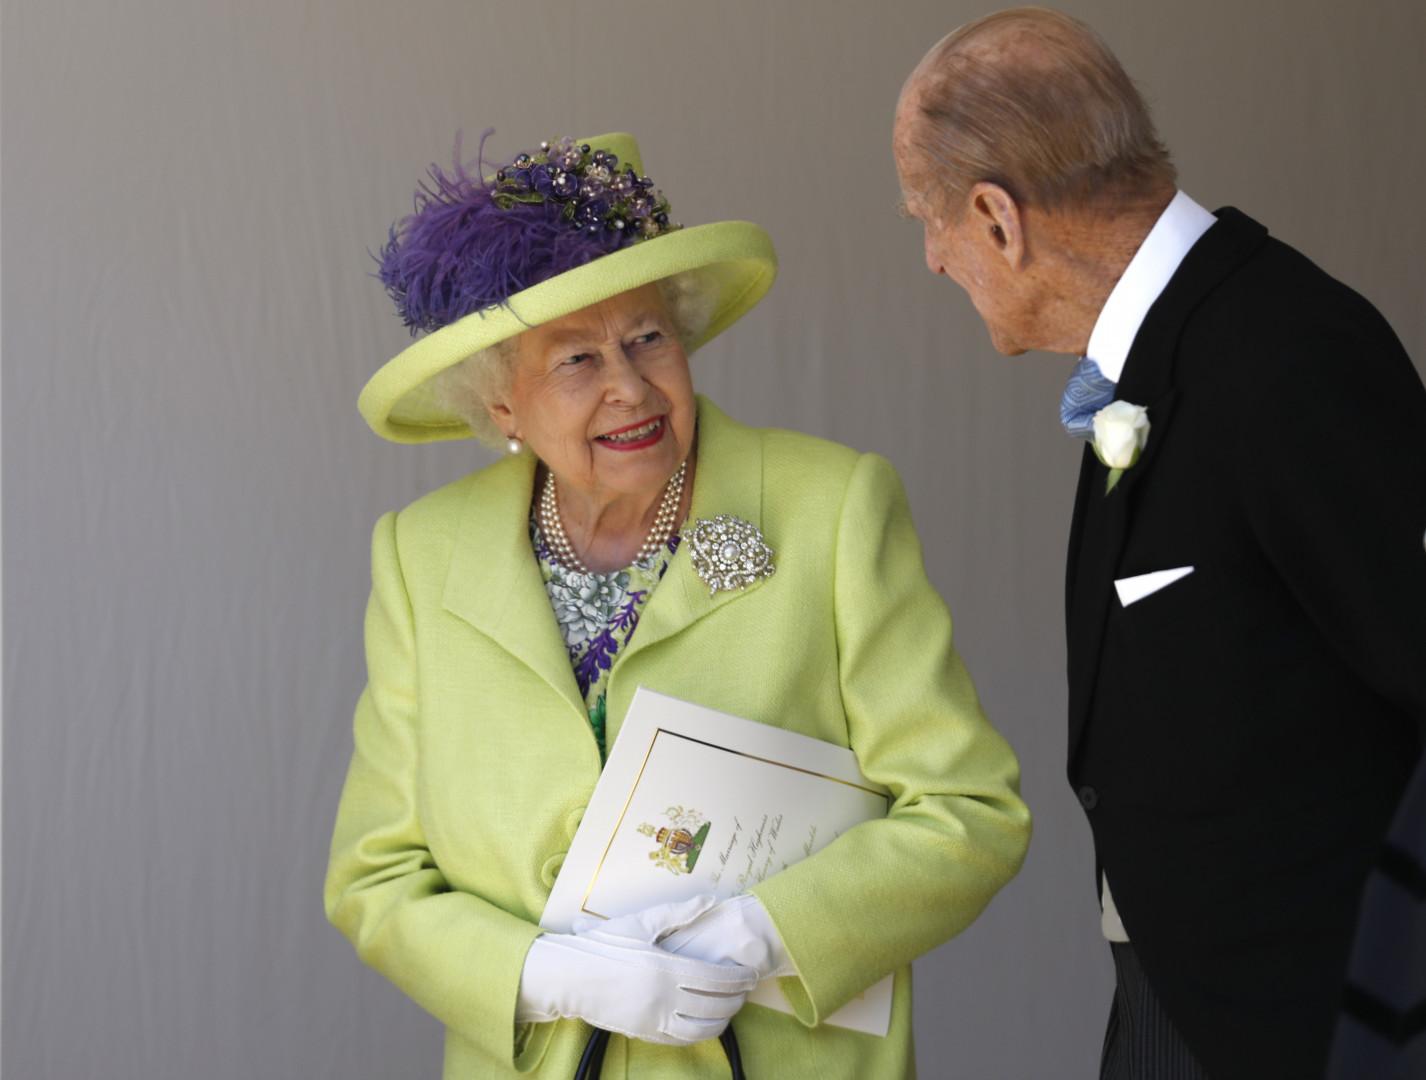 21. Pour le mariage d'Harry et Meghan, la reine Elizabeth II était vêtue d'un ensemble vert anis alors que le prince Philipp était en costume noir